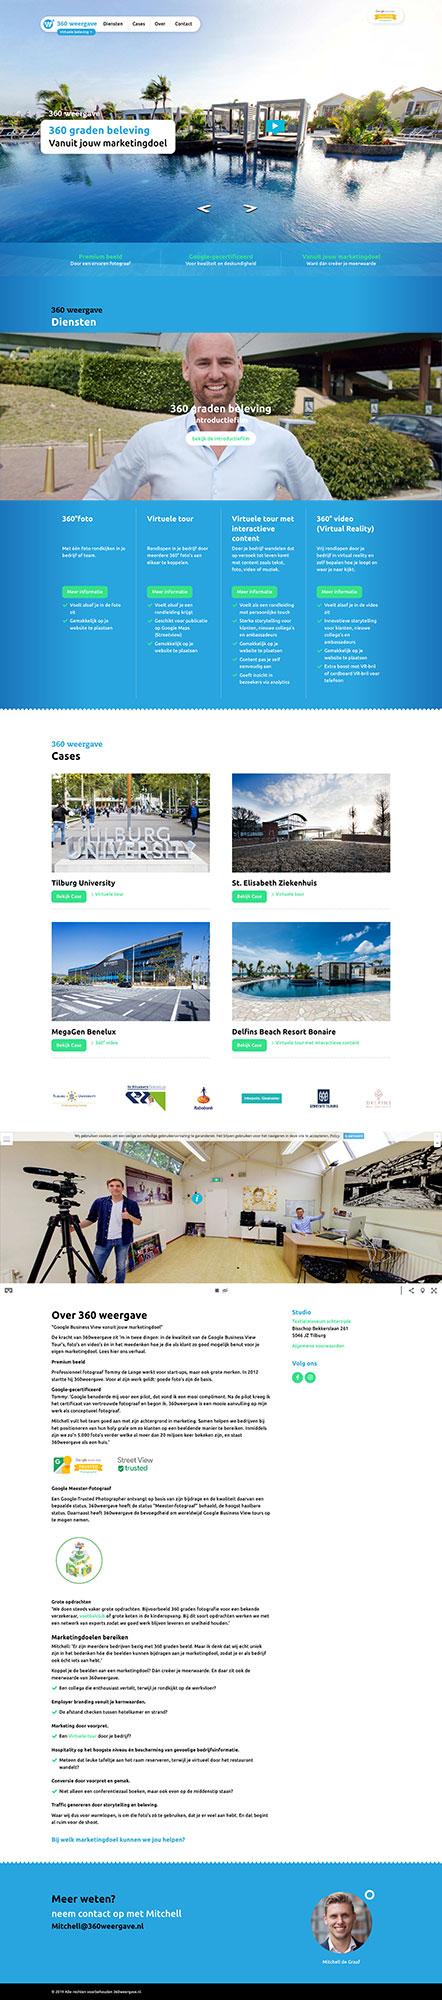 Virtuele beleving 360weergave website JAgd ontwerp 5